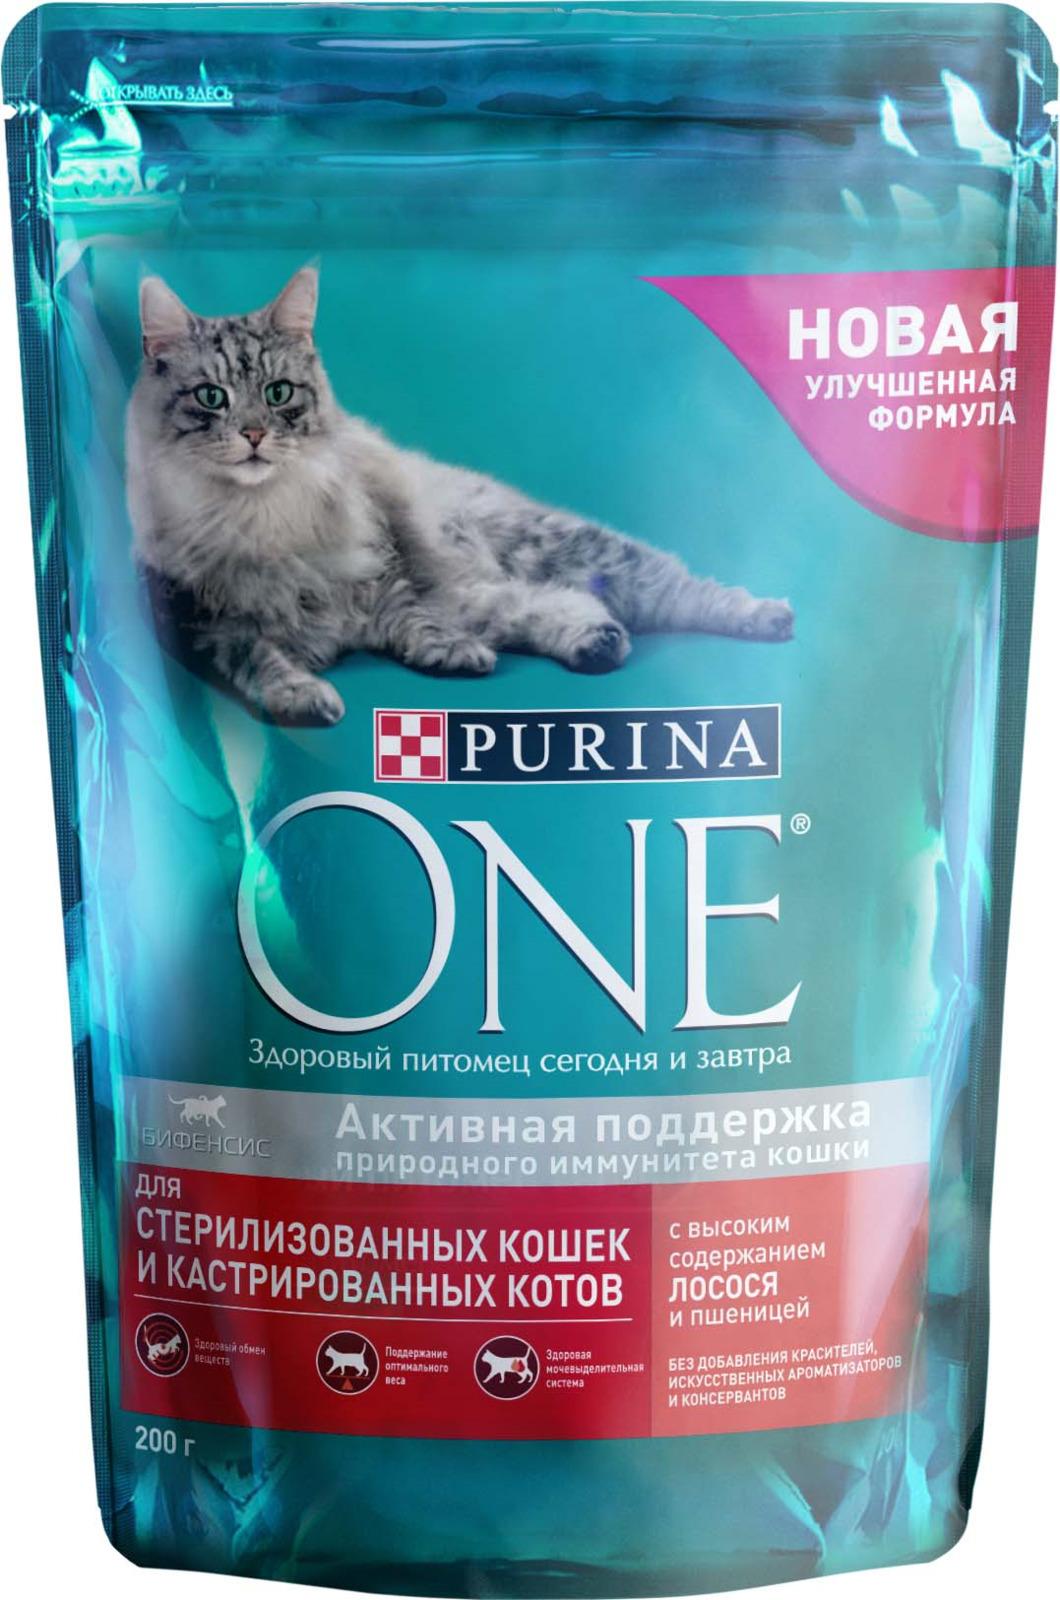 Корм сухой Purina One Sterilized, для стерилизованных кошек и котов, с лососем и пшеницей, 200 г корм для стерилизованных кошек и котов purina one с лососем и пшеницей 200 г